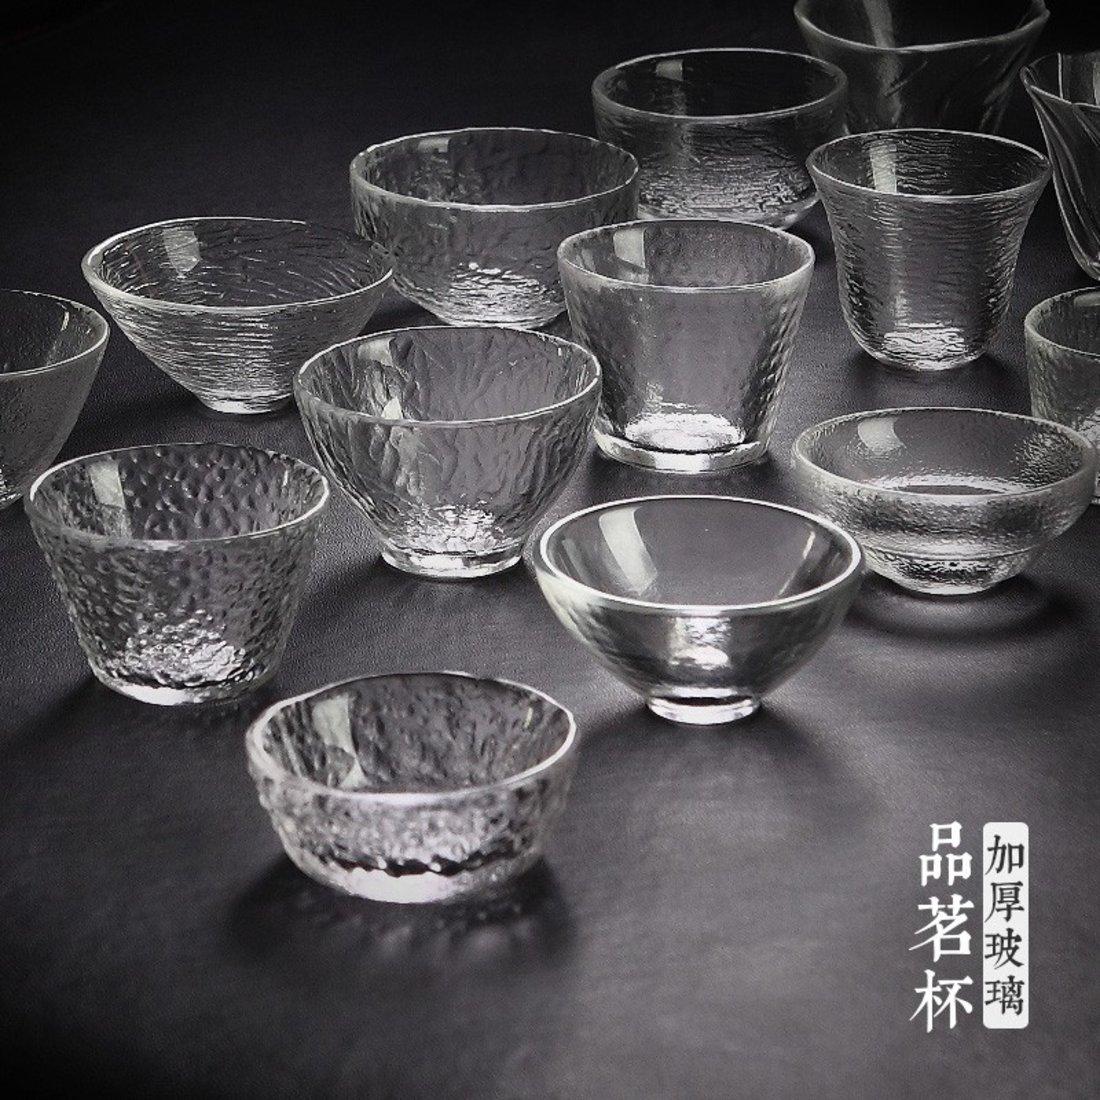 「品茗杯」锤纹玻璃茶杯